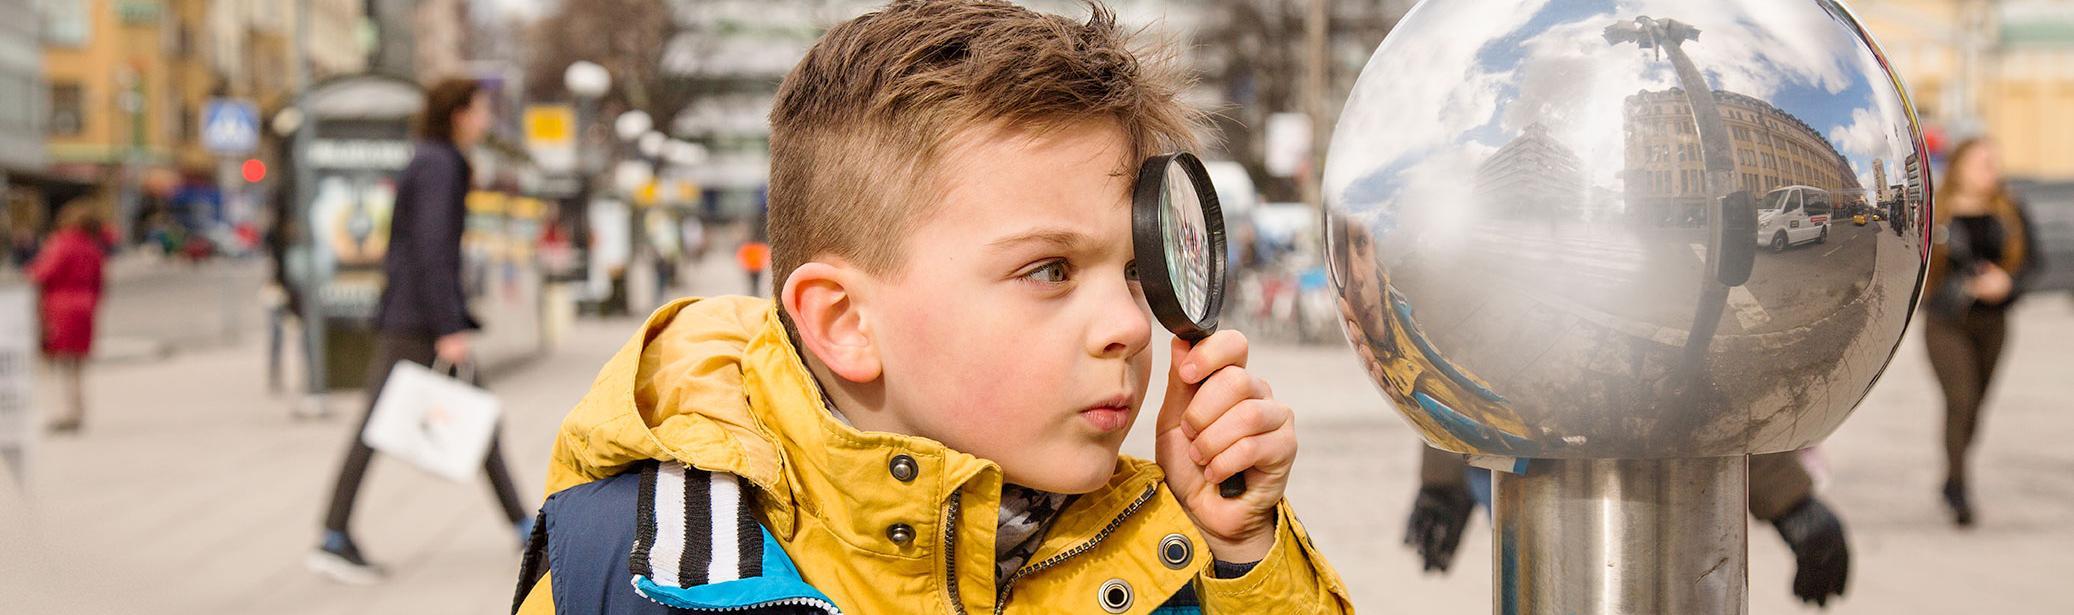 Poika katsoo kaukolämpökaivon tuuletusputkea suurennuslasin läpi.